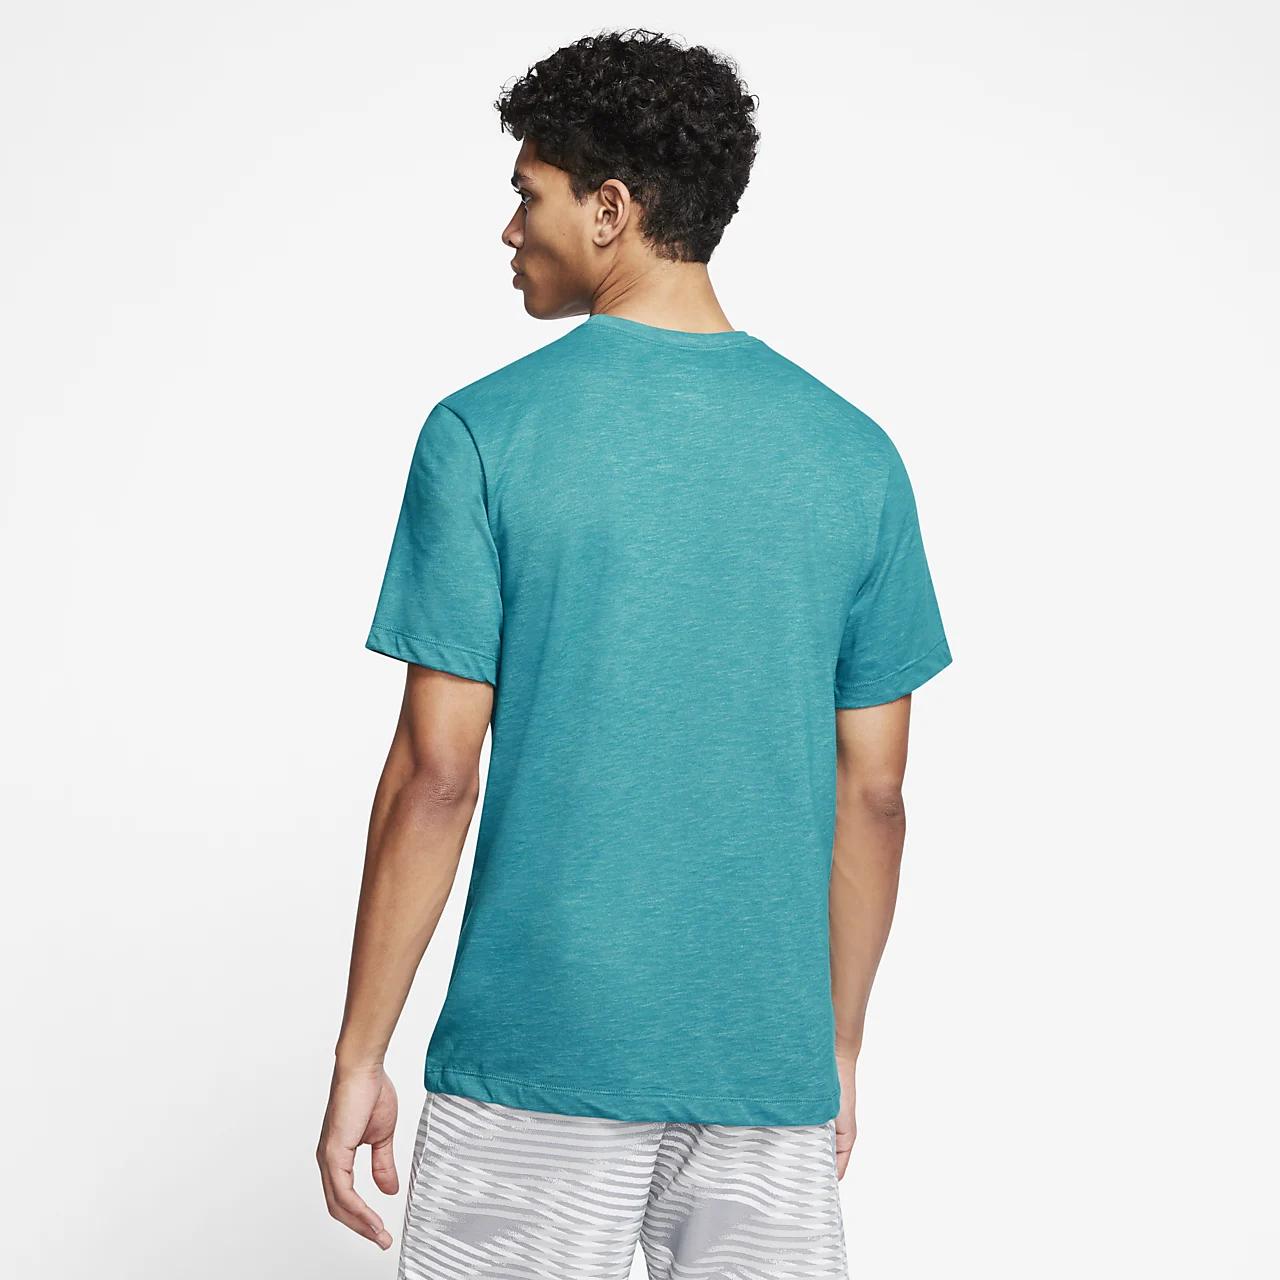 나이키 드라이핏 남성 그래픽 트레이닝 티셔츠 CT6459-379